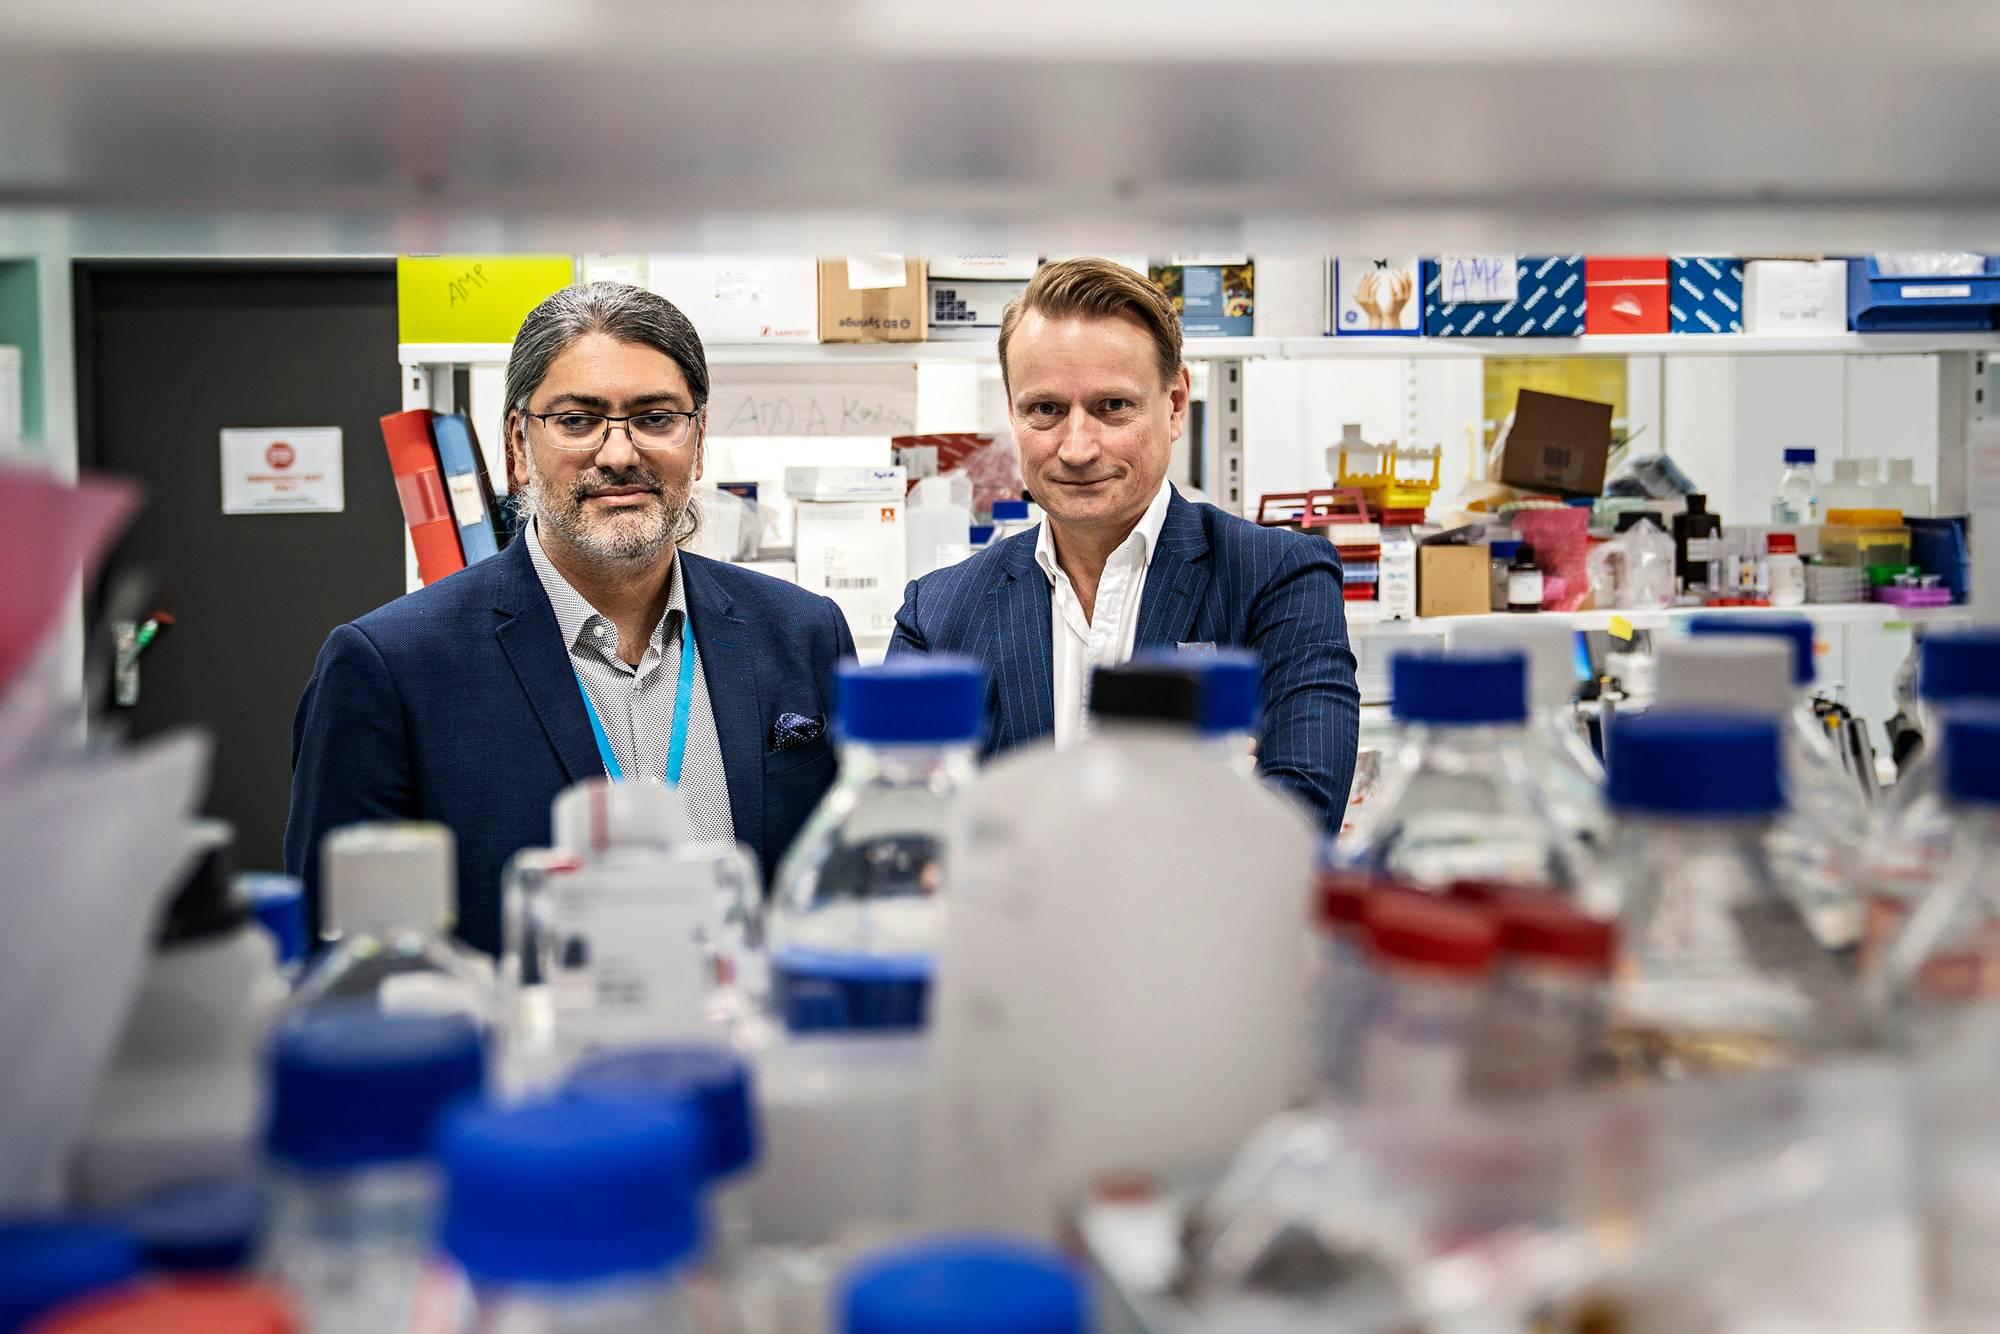 Professori Matti Sällberg (oik.) johtaa yhdessä Ali Mirazimin kanssa ruotsalaista hanketta, joka kehittää rokotetta koronavirusta vastaan.